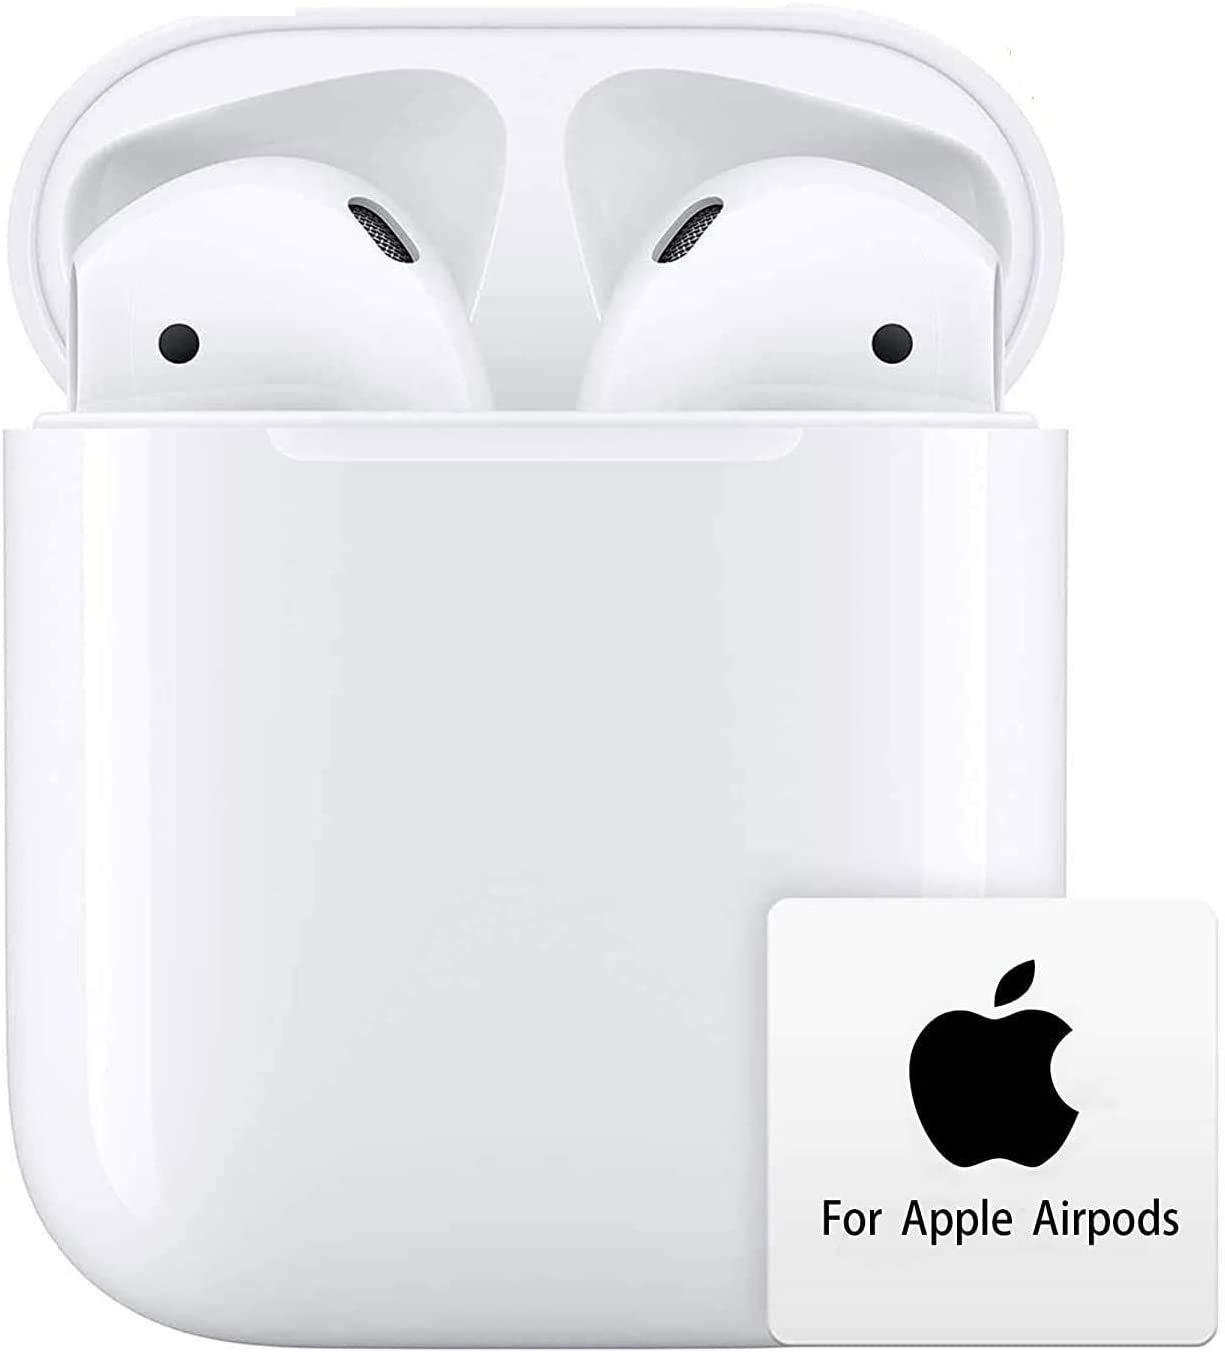 Auriculares Bluetooth 5.0 Auricular Inalámbrico Control Táctil con Graves Profundos In-Ear Auriculares Bluetooth con Caja de Carga Rápida IPX7 Impermeables, para Android/iPhone/Airpods/Samsung: Amazon.es: Electrónica